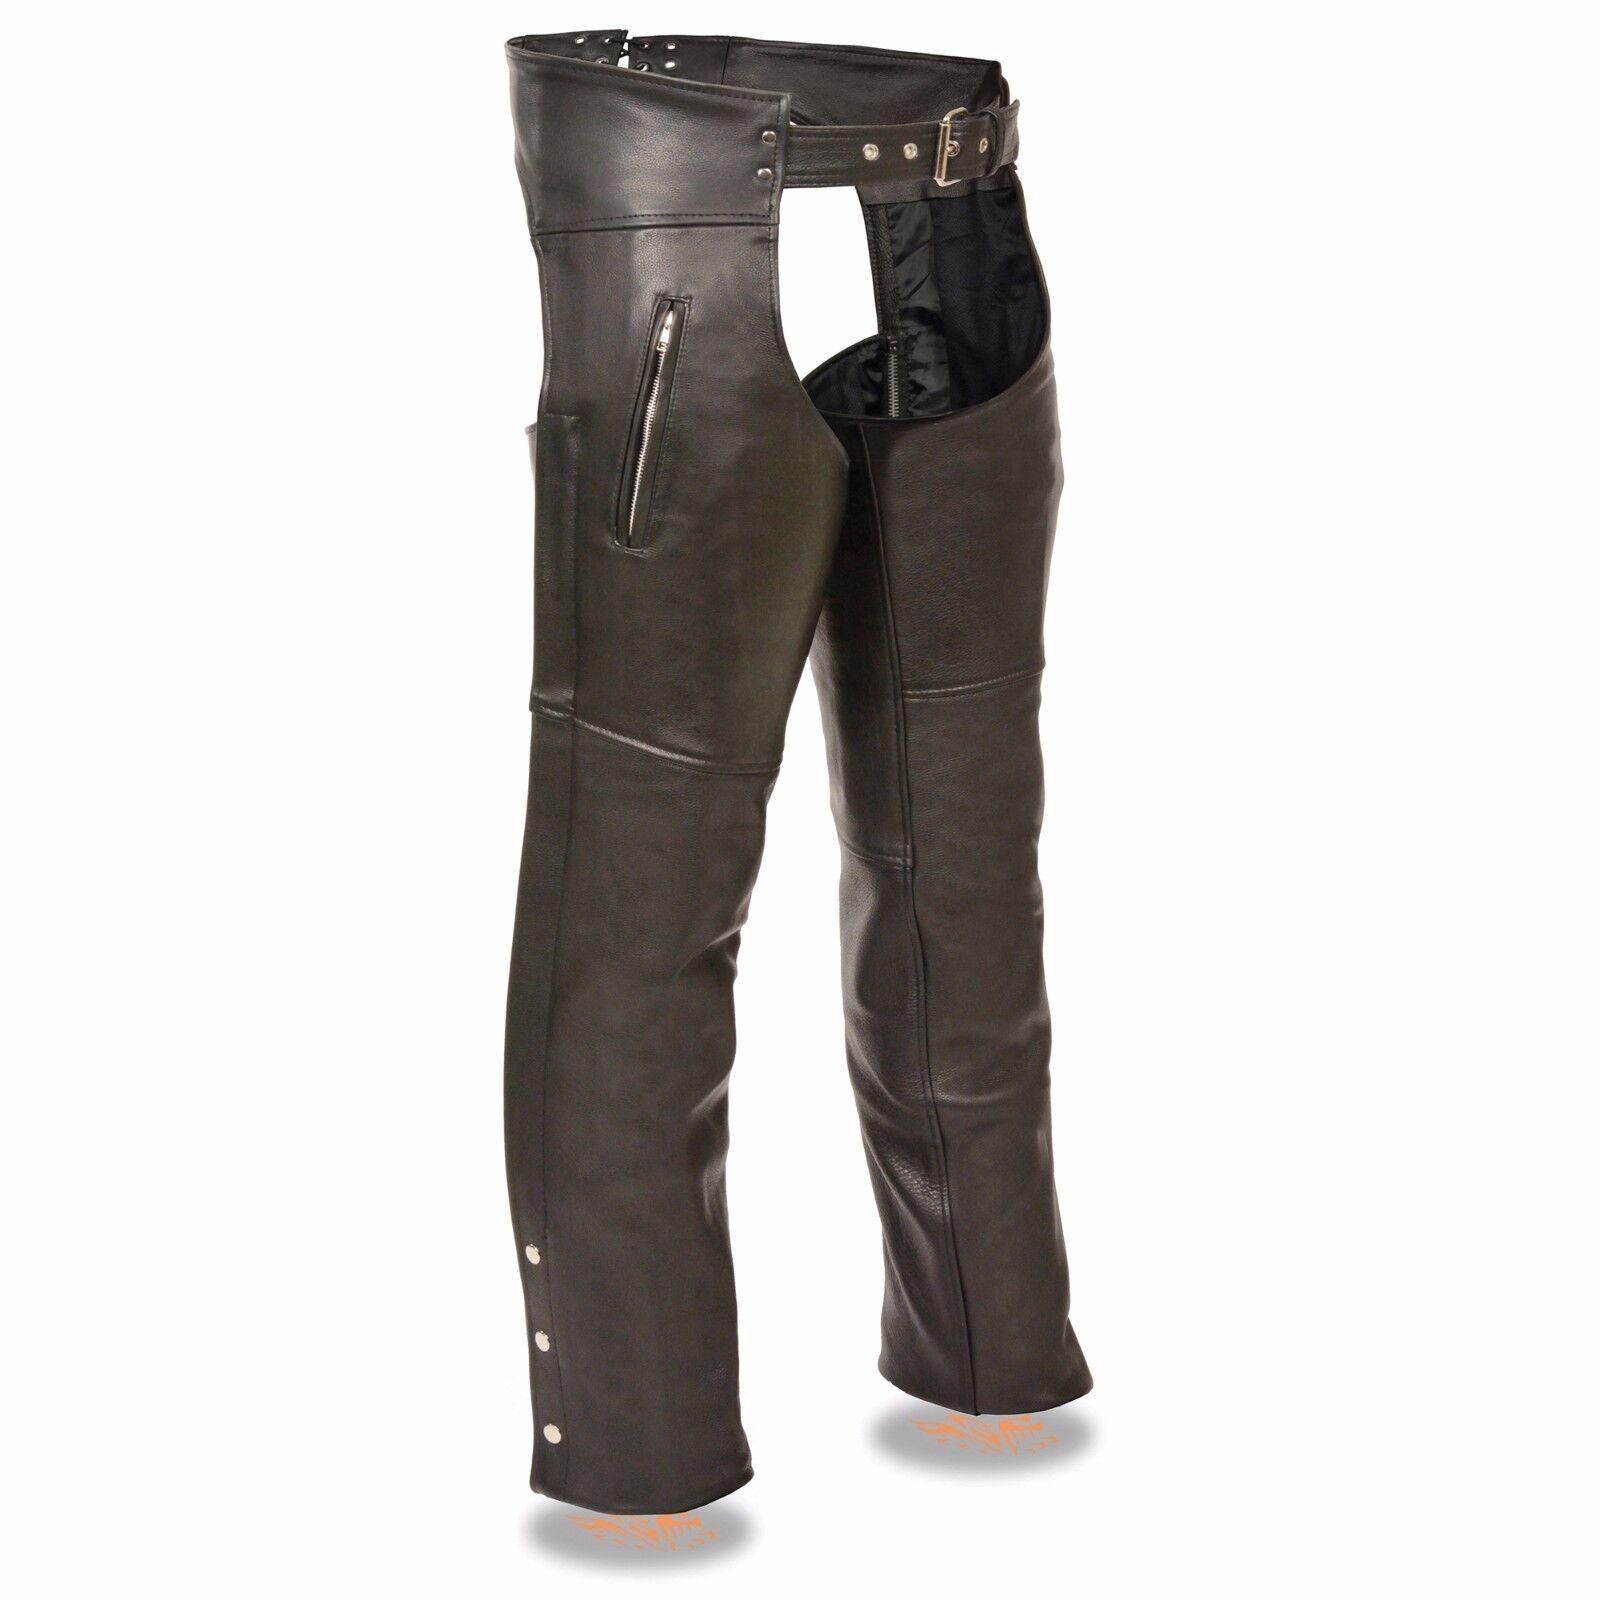 Milwaukee leather CHAP para para para hombre con bolsillos con cremallera muslo-SH1190 83a103